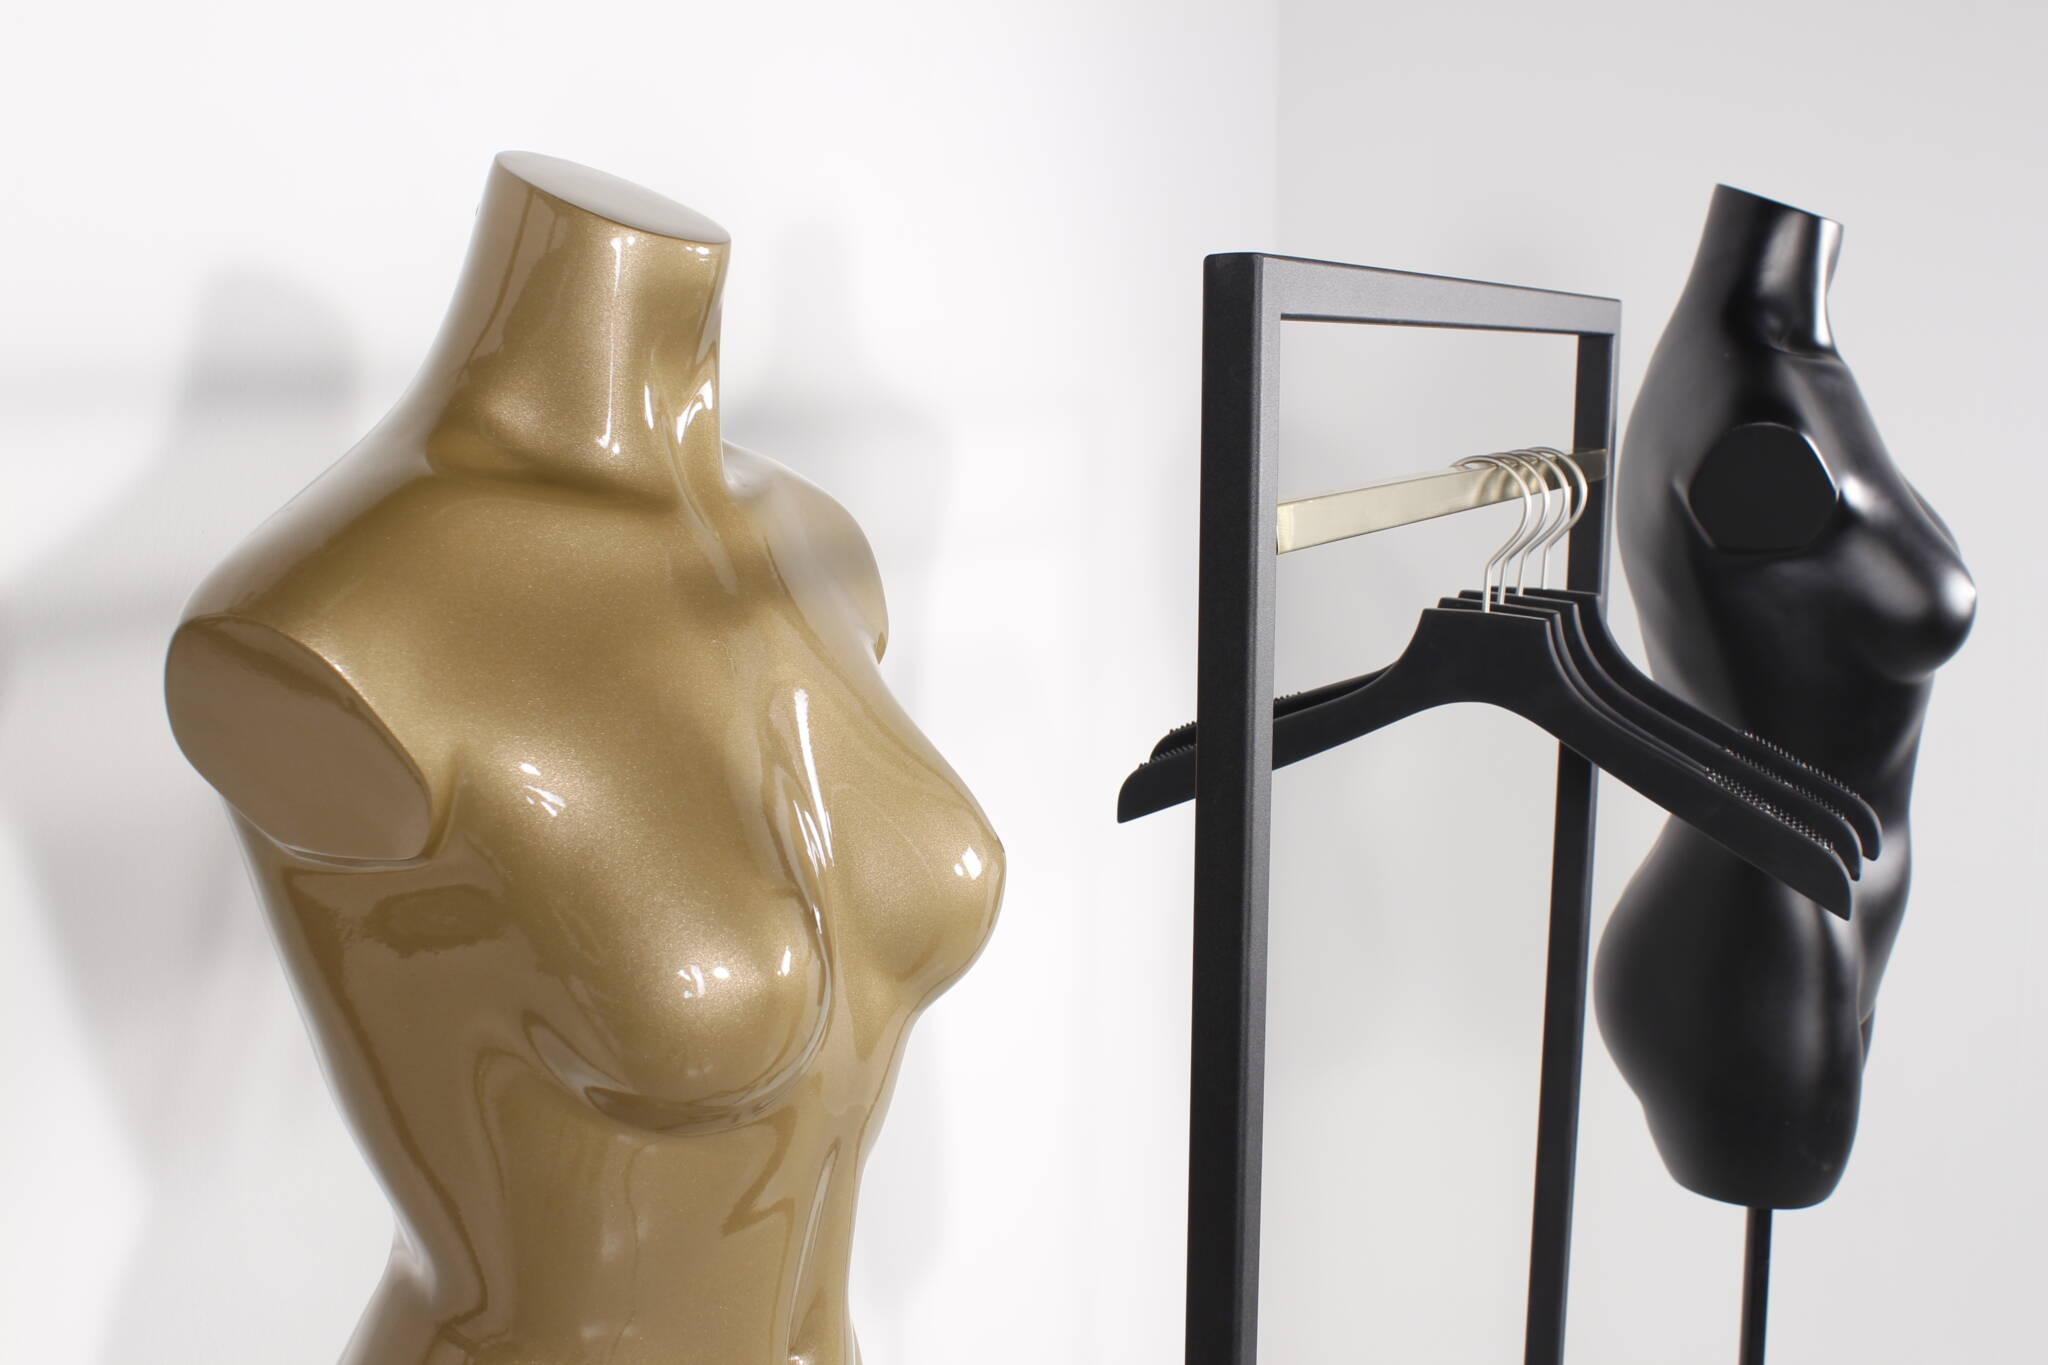 Designer stativ o sort med messing bøjlestang vist sammen med torsoer malet i guld farve